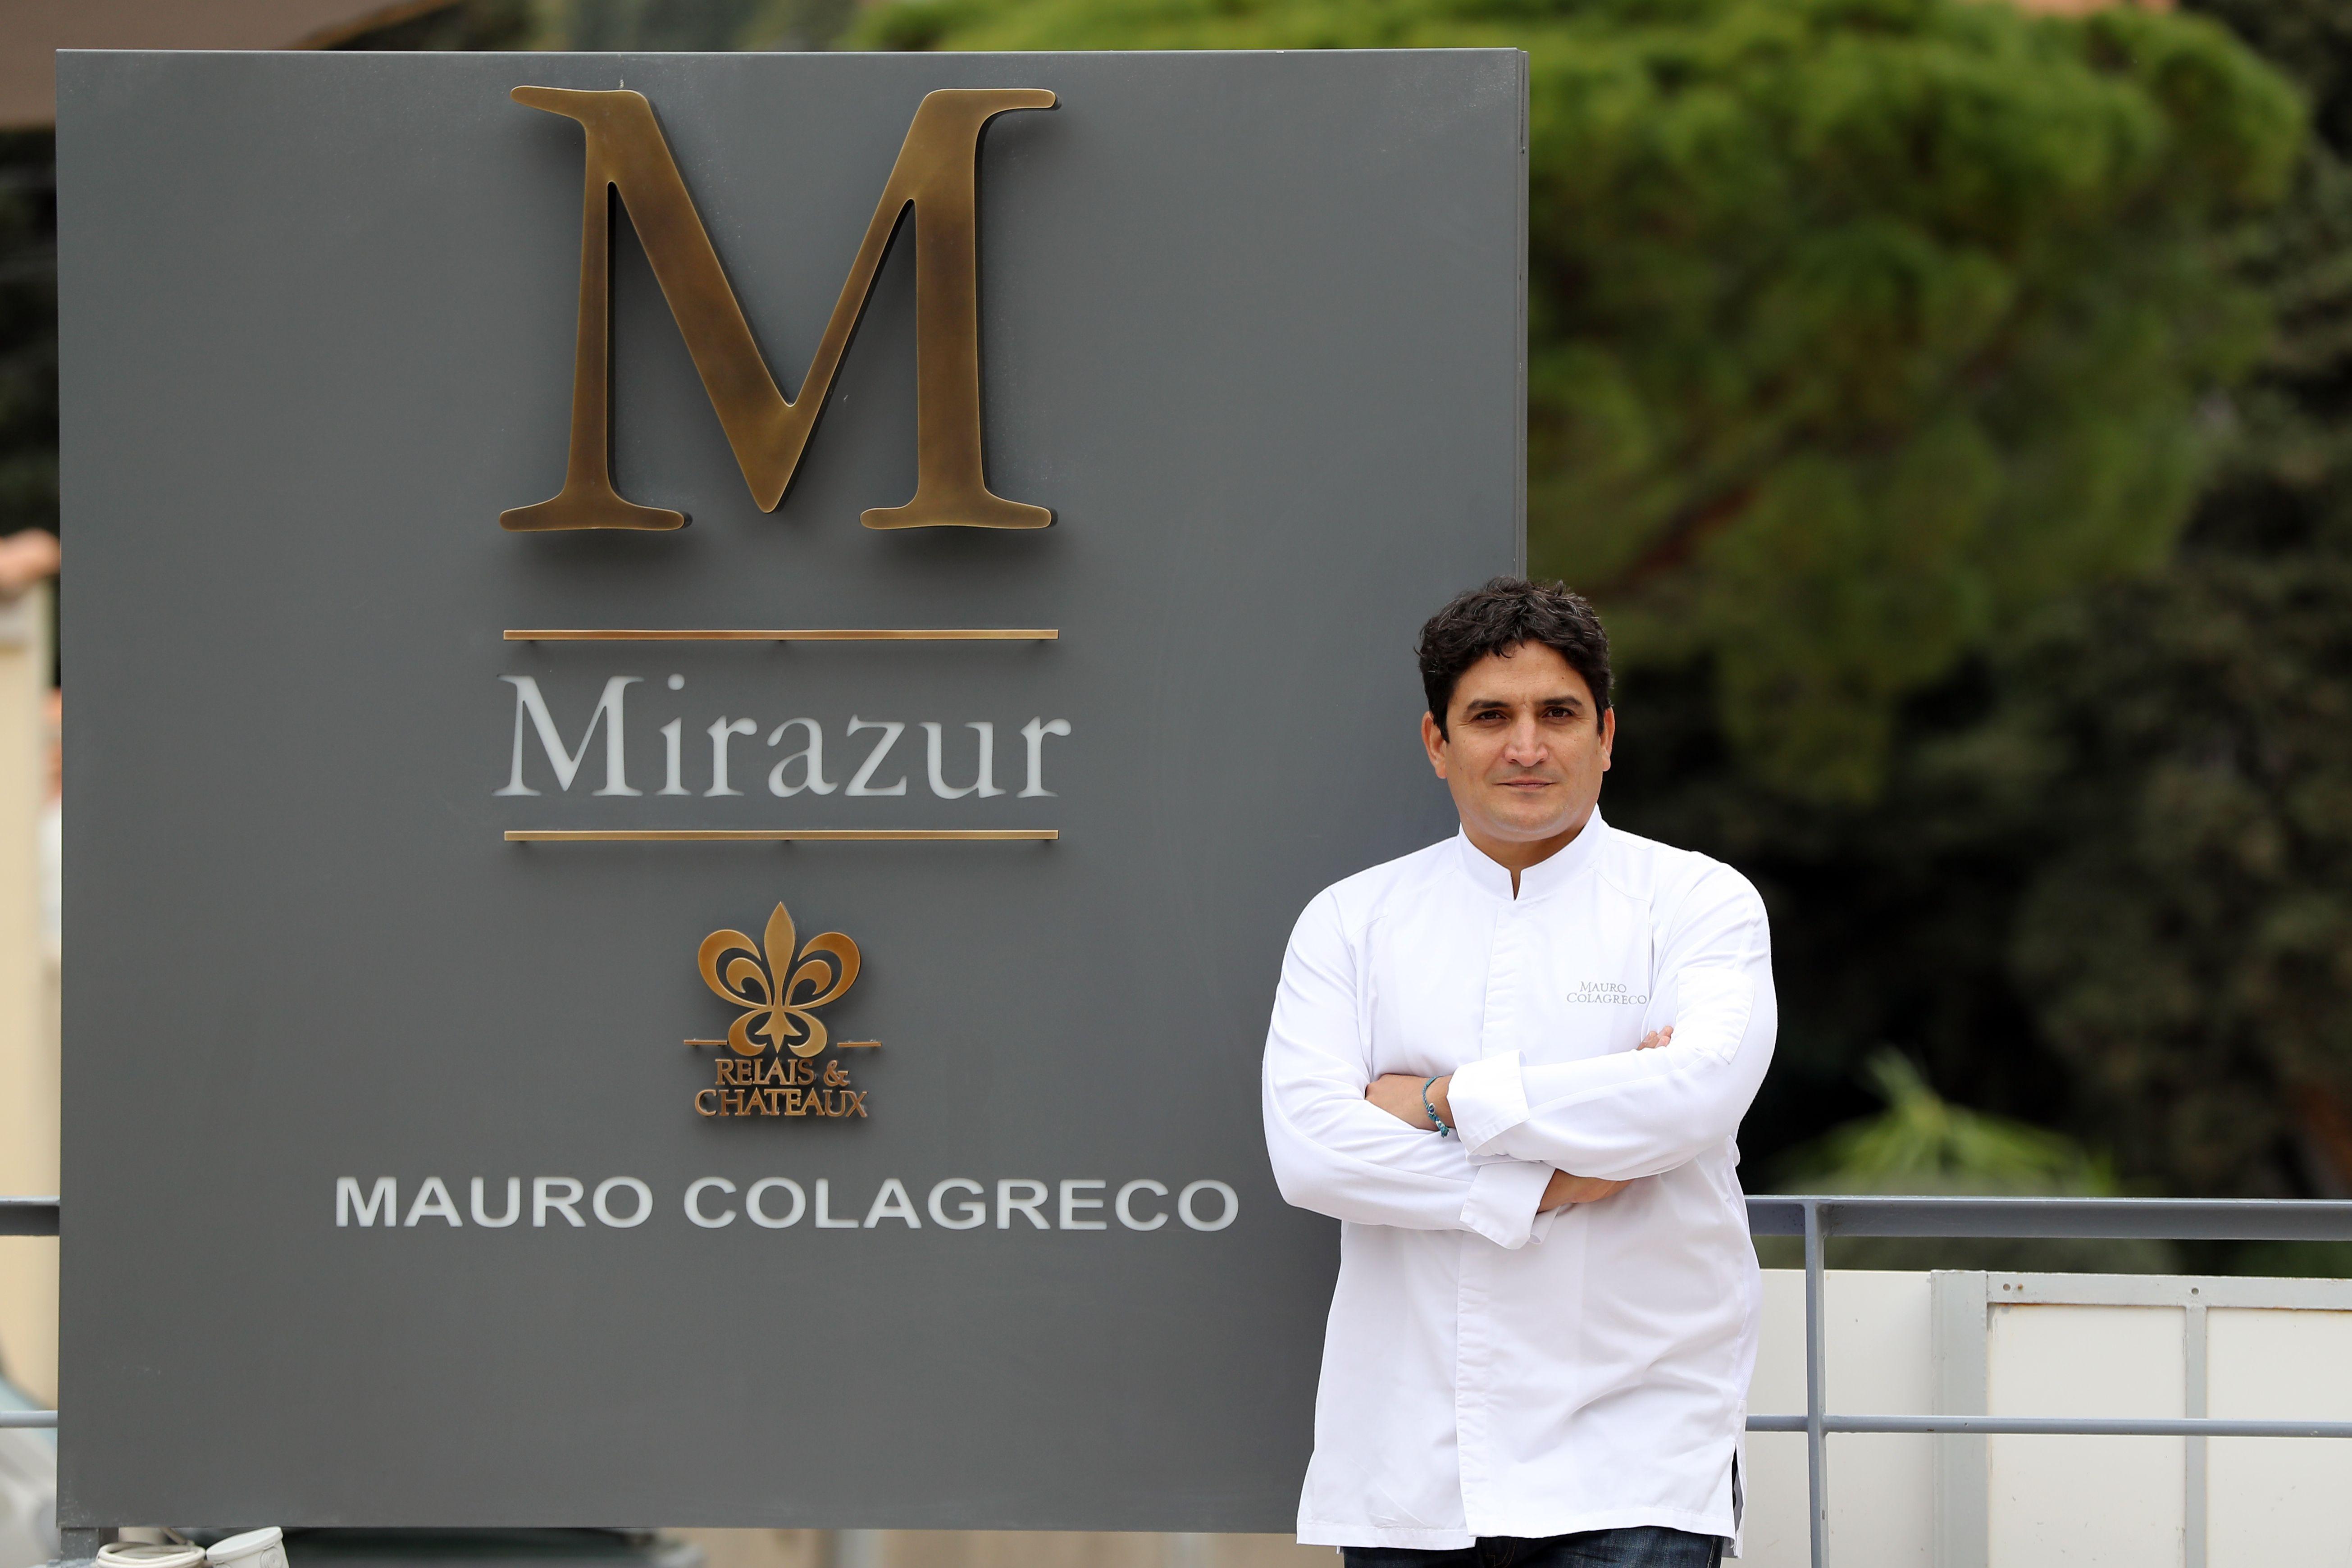 Chef Mauro Colagreco at Mirazur